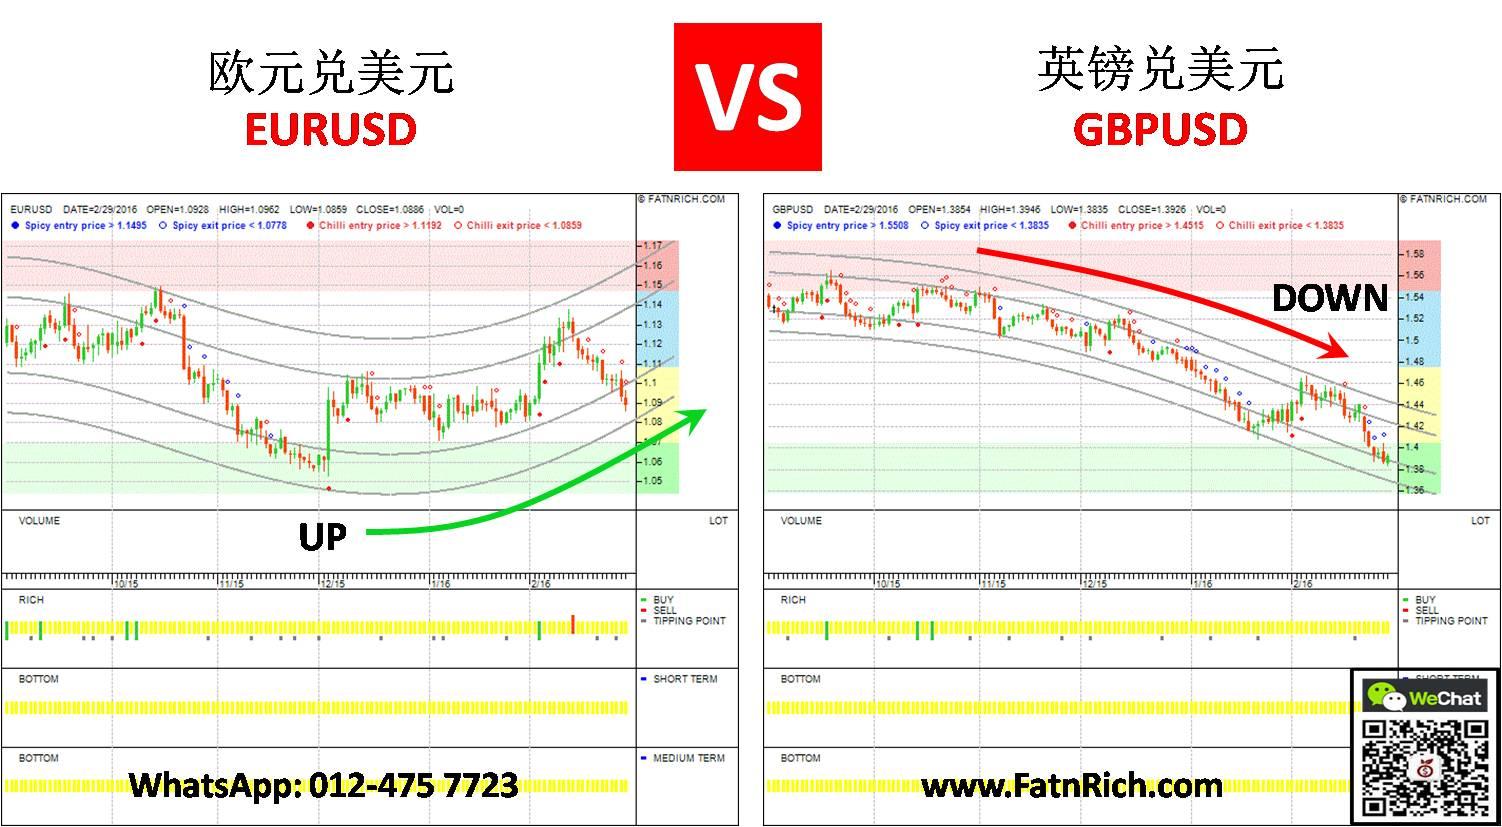 欧元兑美元 vs 英镑兑美元 EURUSD vs GBPUSD